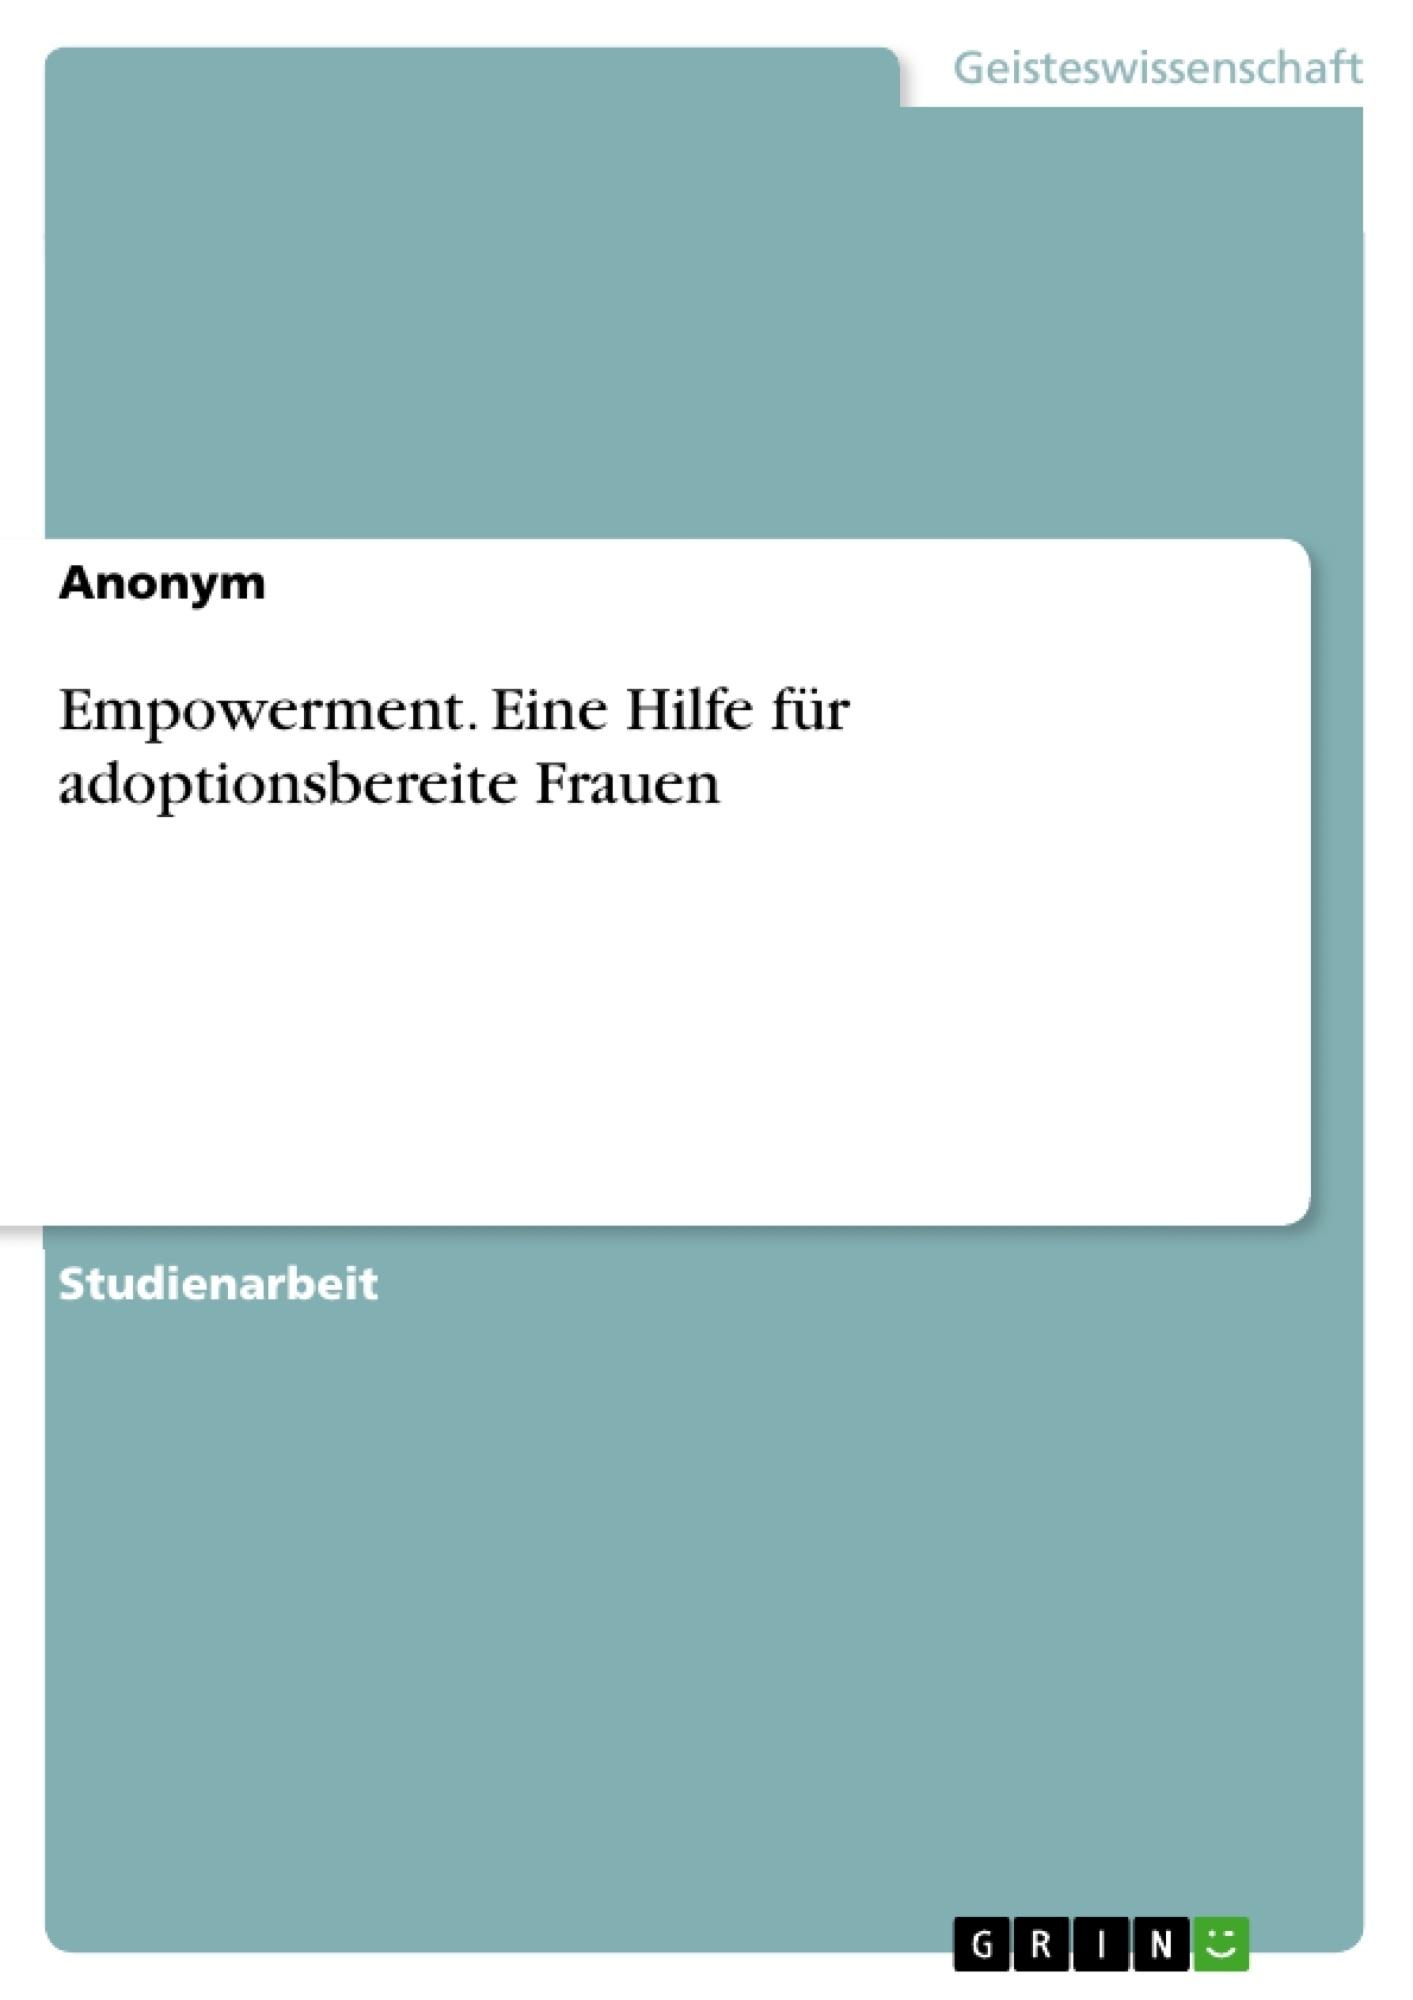 Titel: Empowerment. Eine Hilfe für adoptionsbereite Frauen